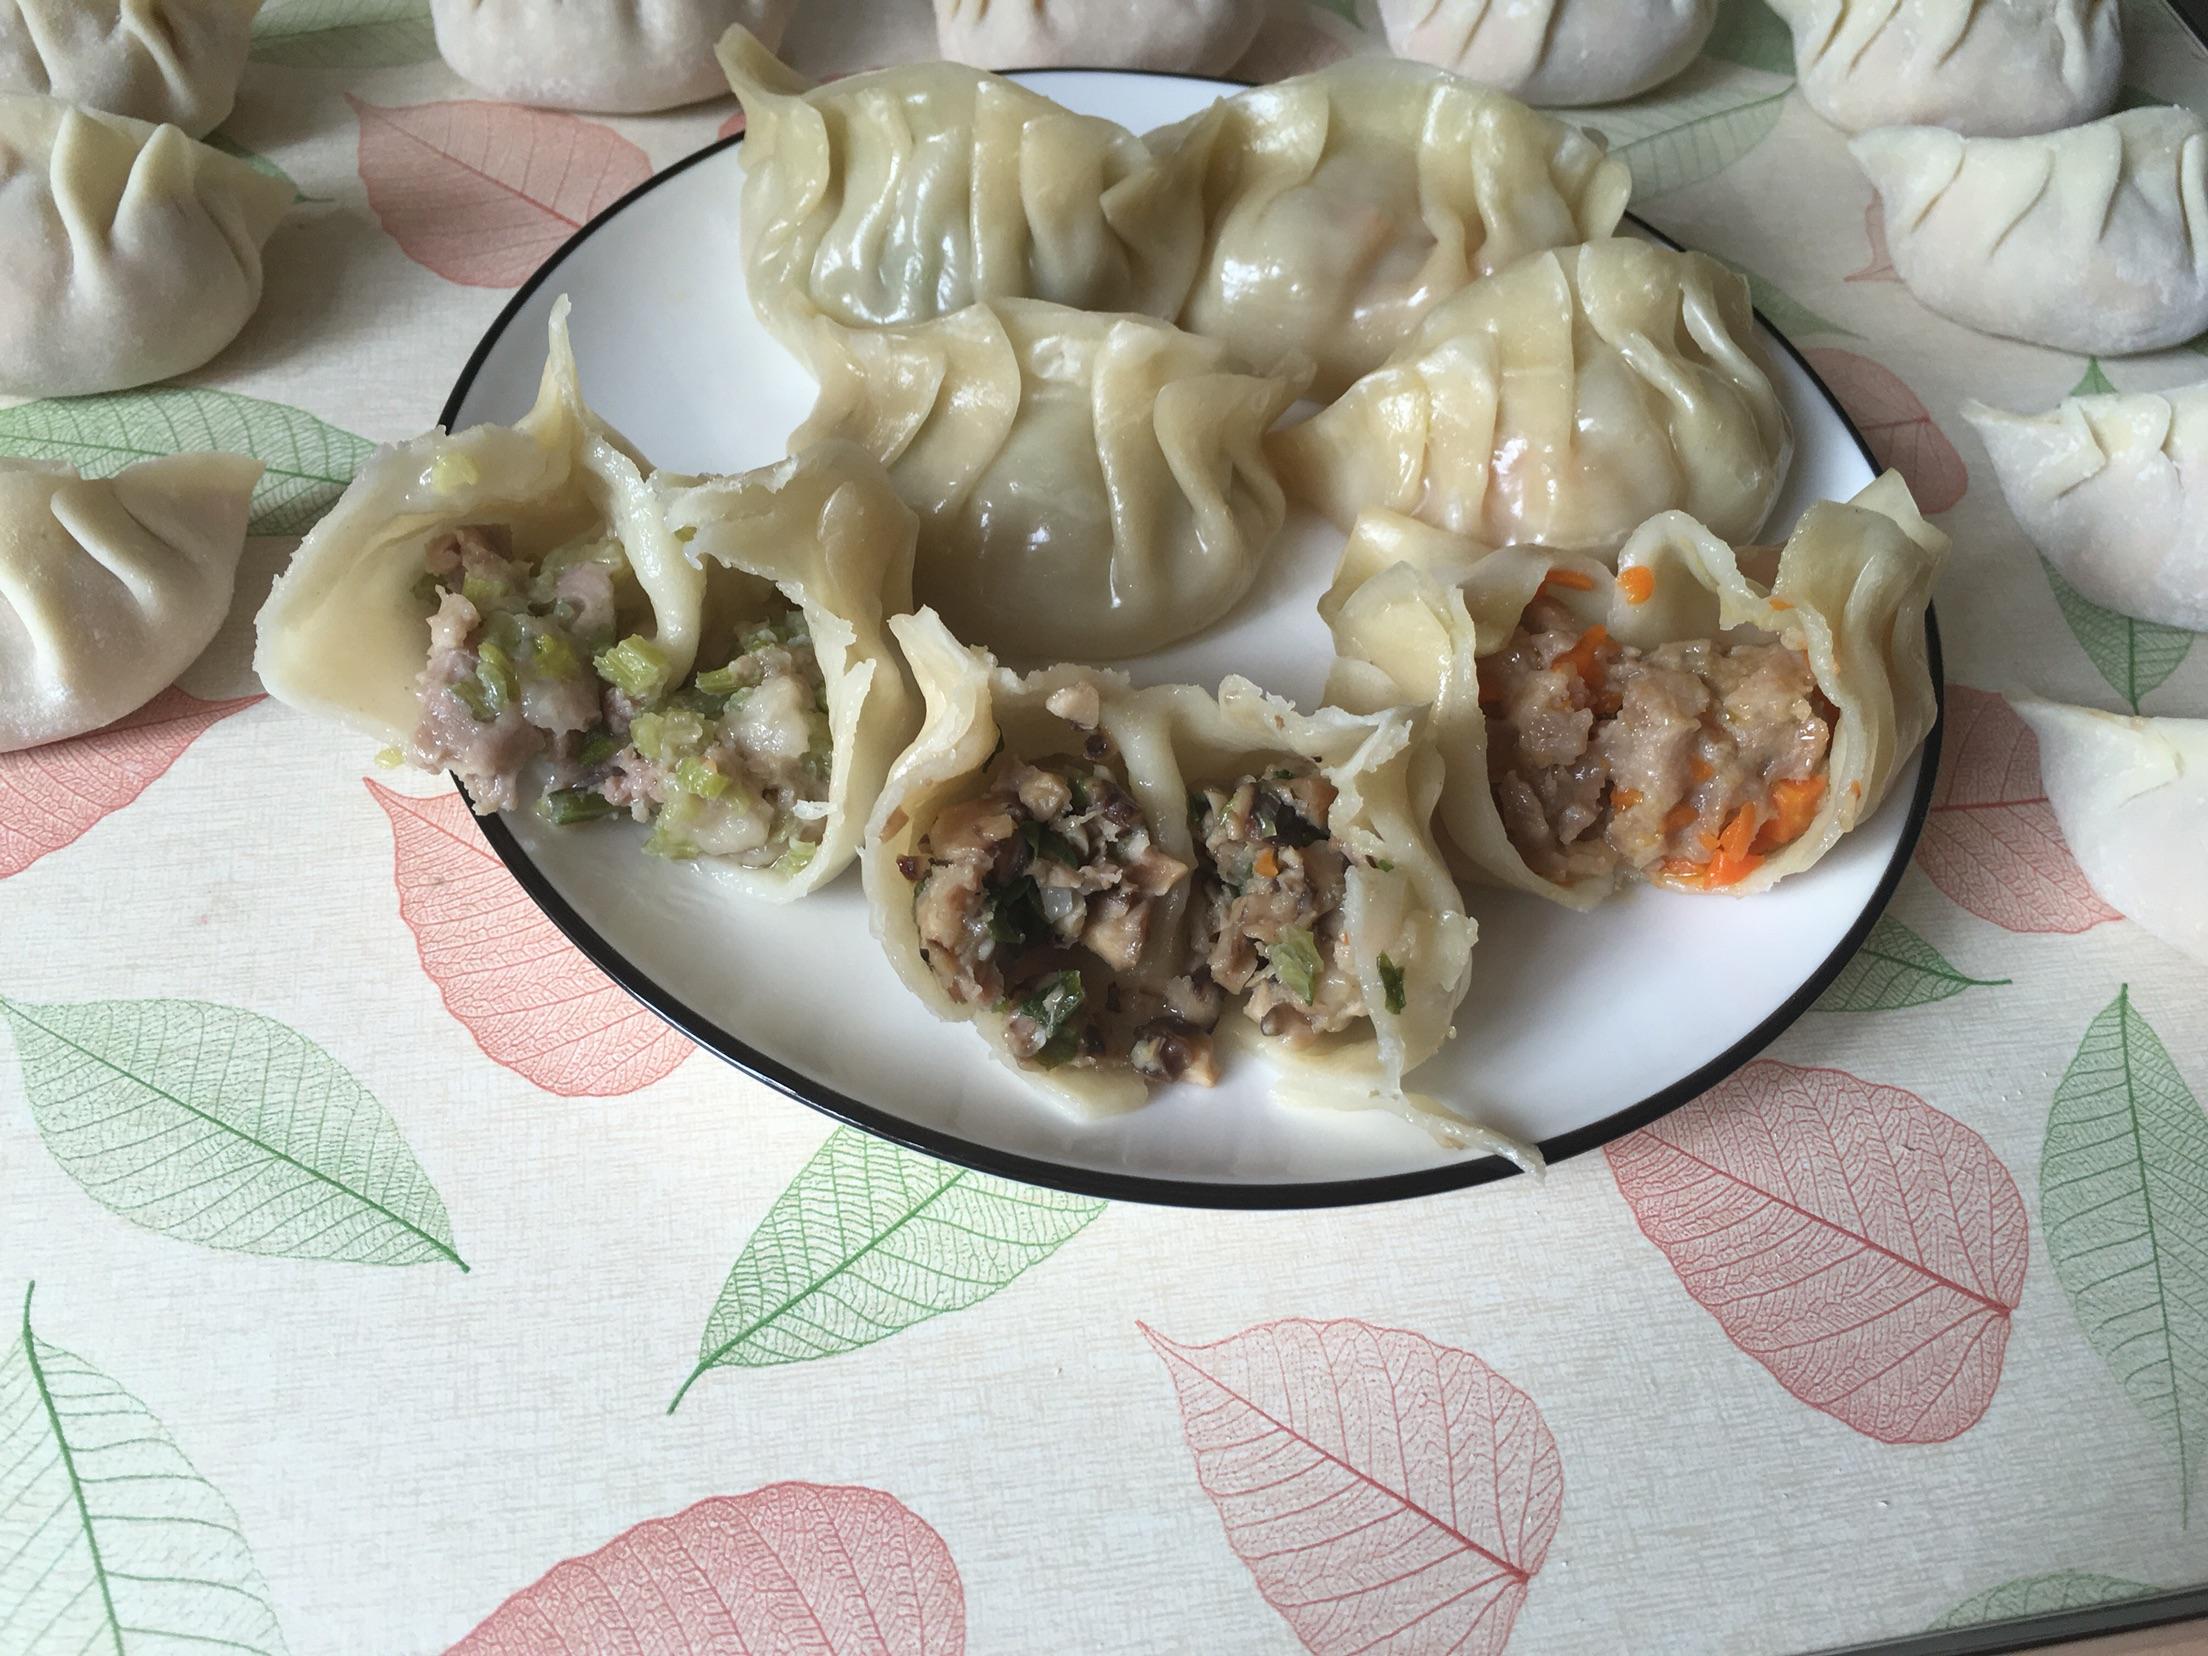 三馅饺子的做法_【图解】三馅饺子怎么做如何做好吃